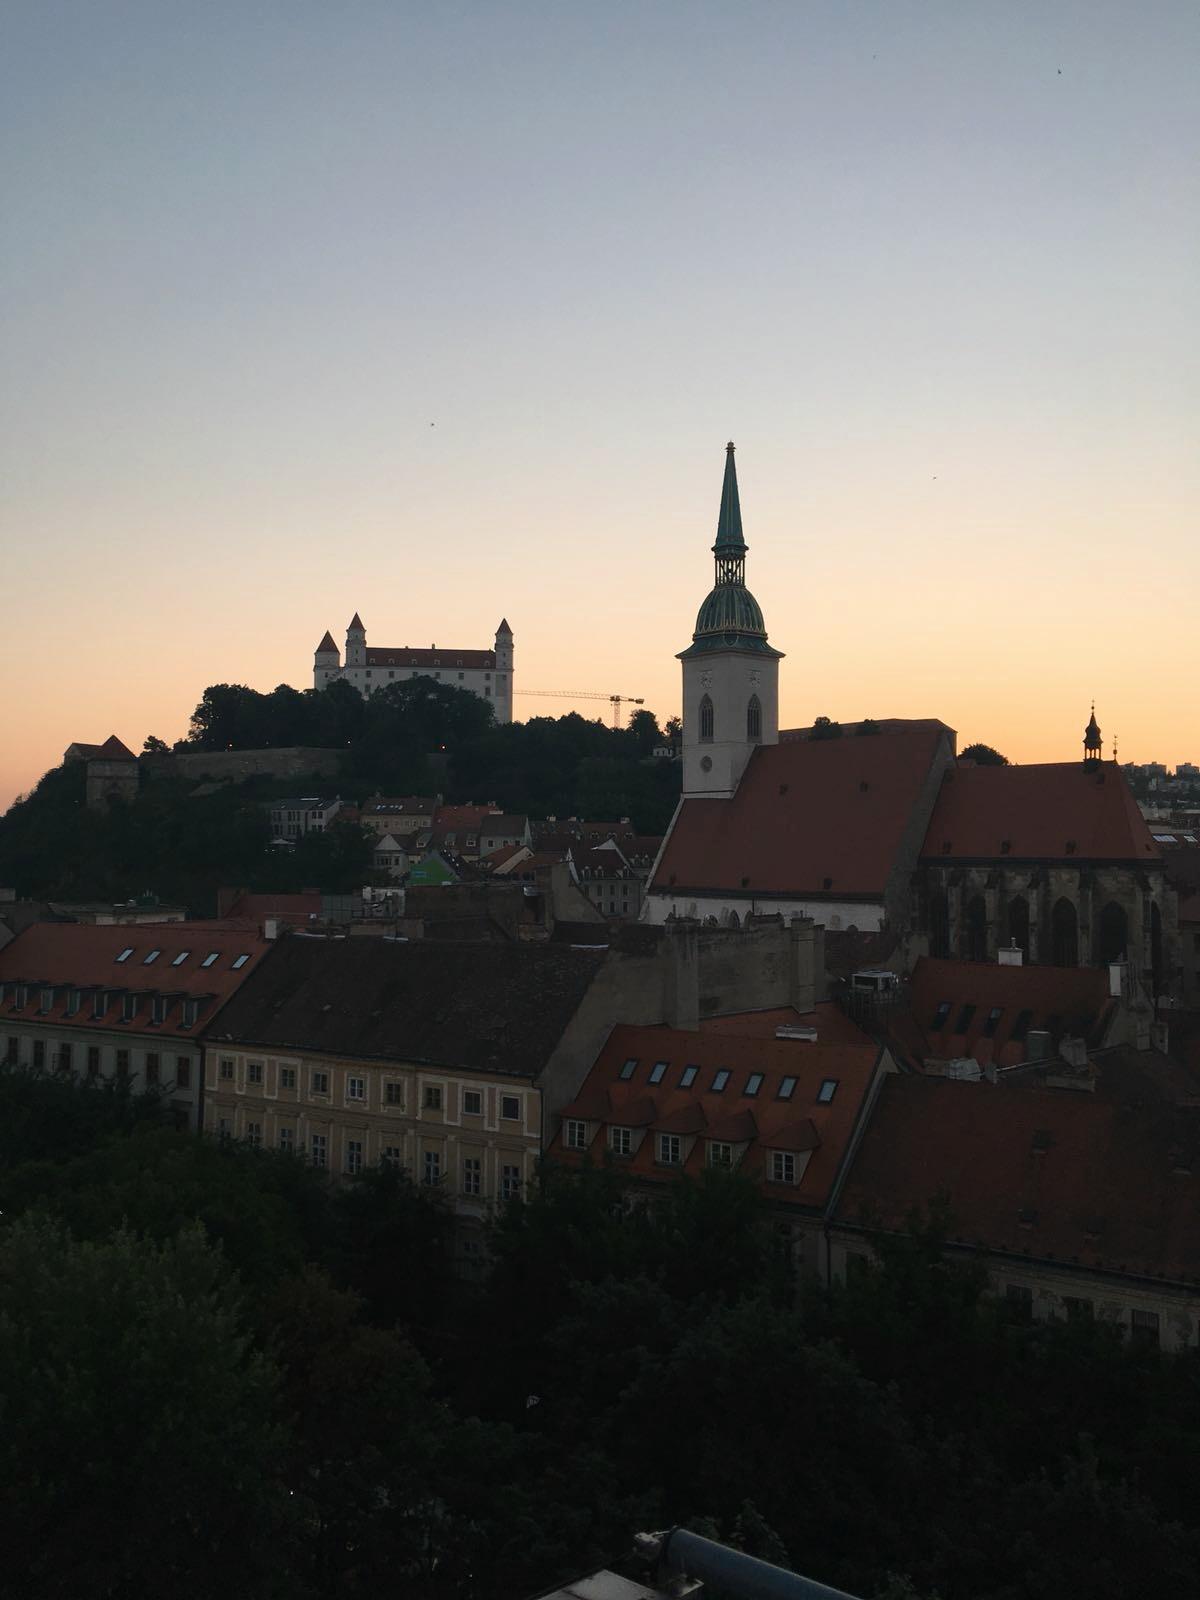 ventajas-desventajas-vivir-bratislava-es